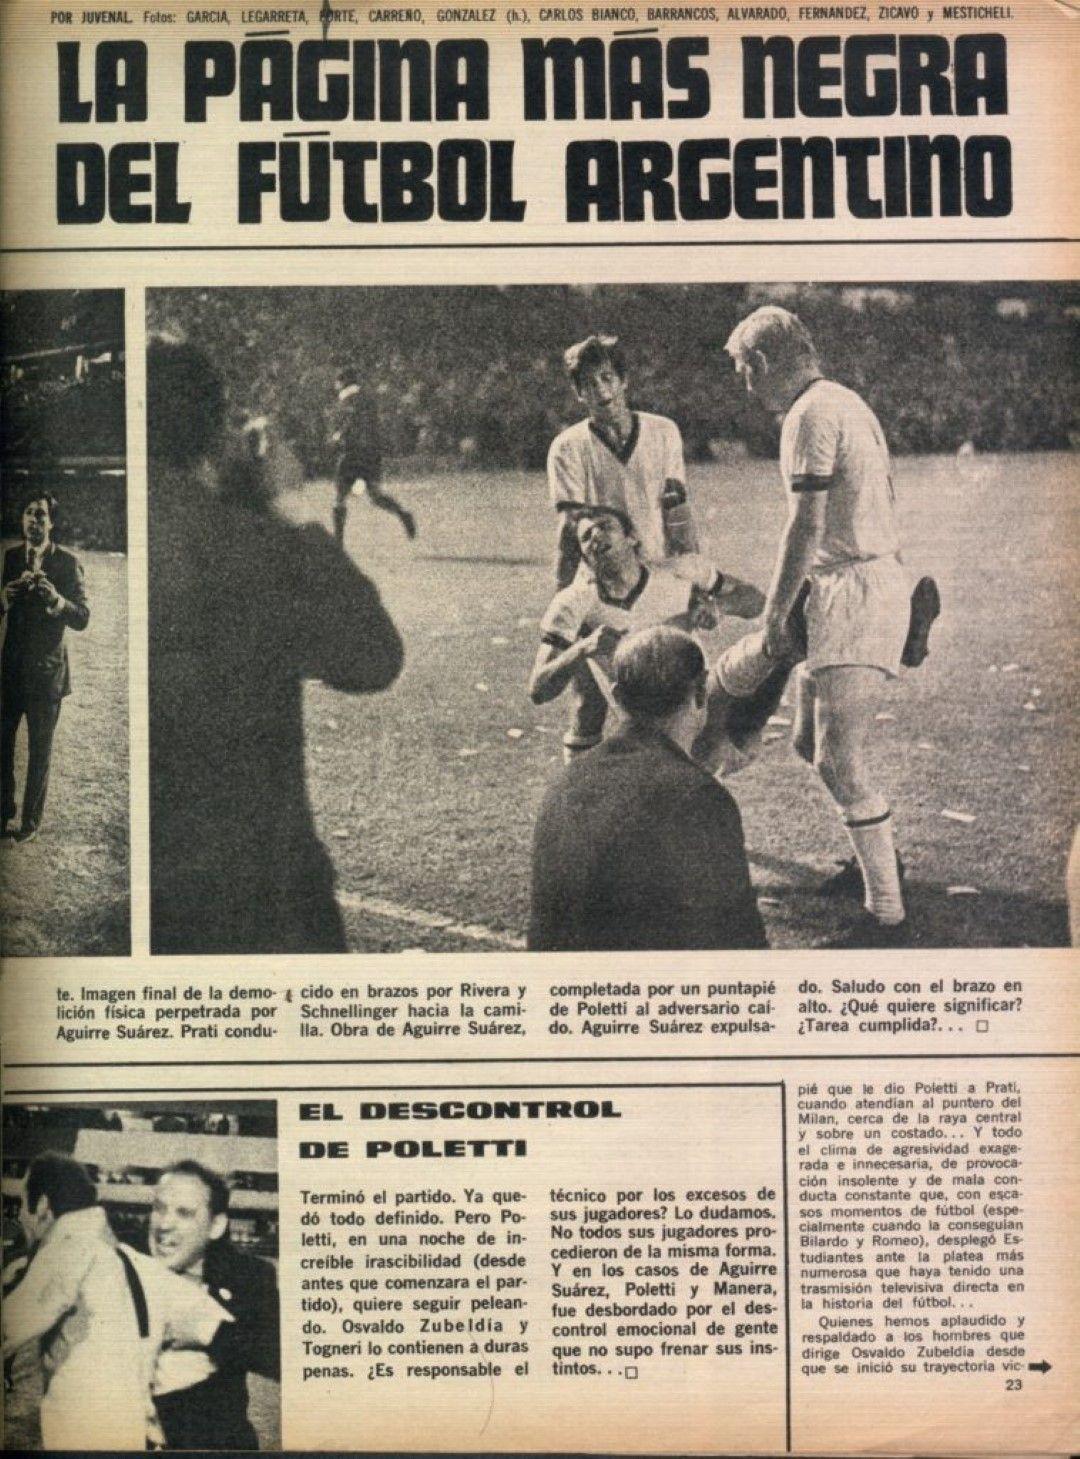 Вестниците в Аржентина са безпощадни към своите